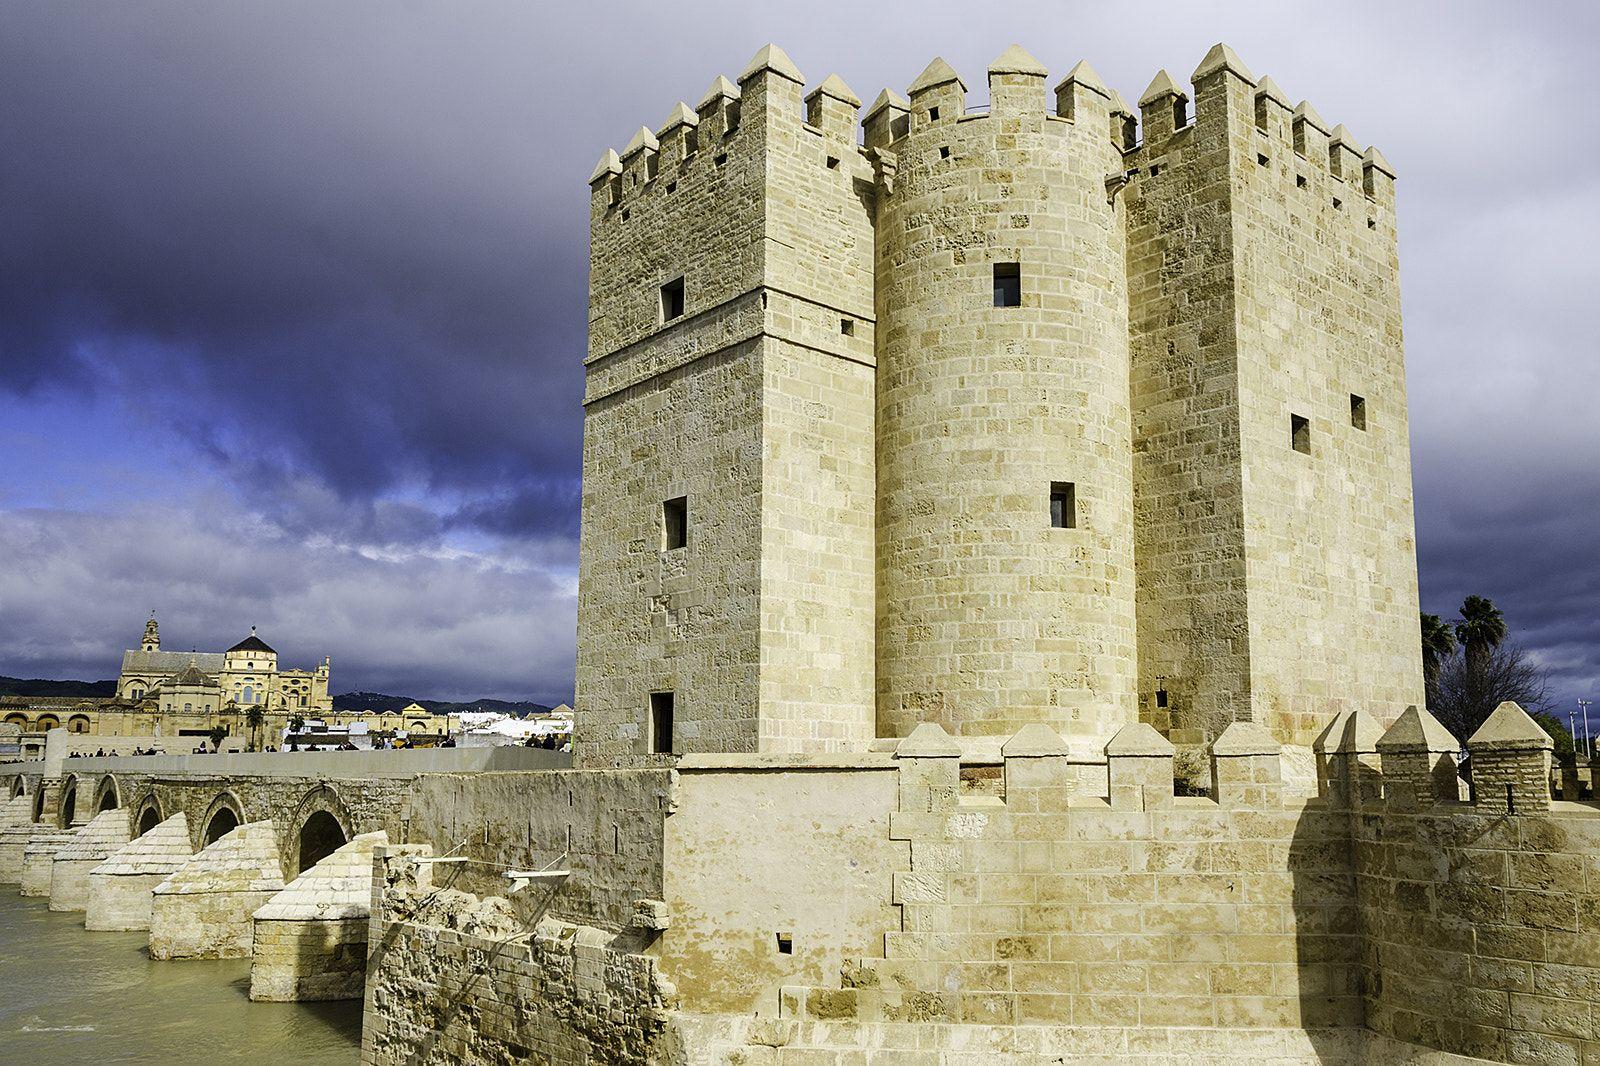 la torre de la calahorra